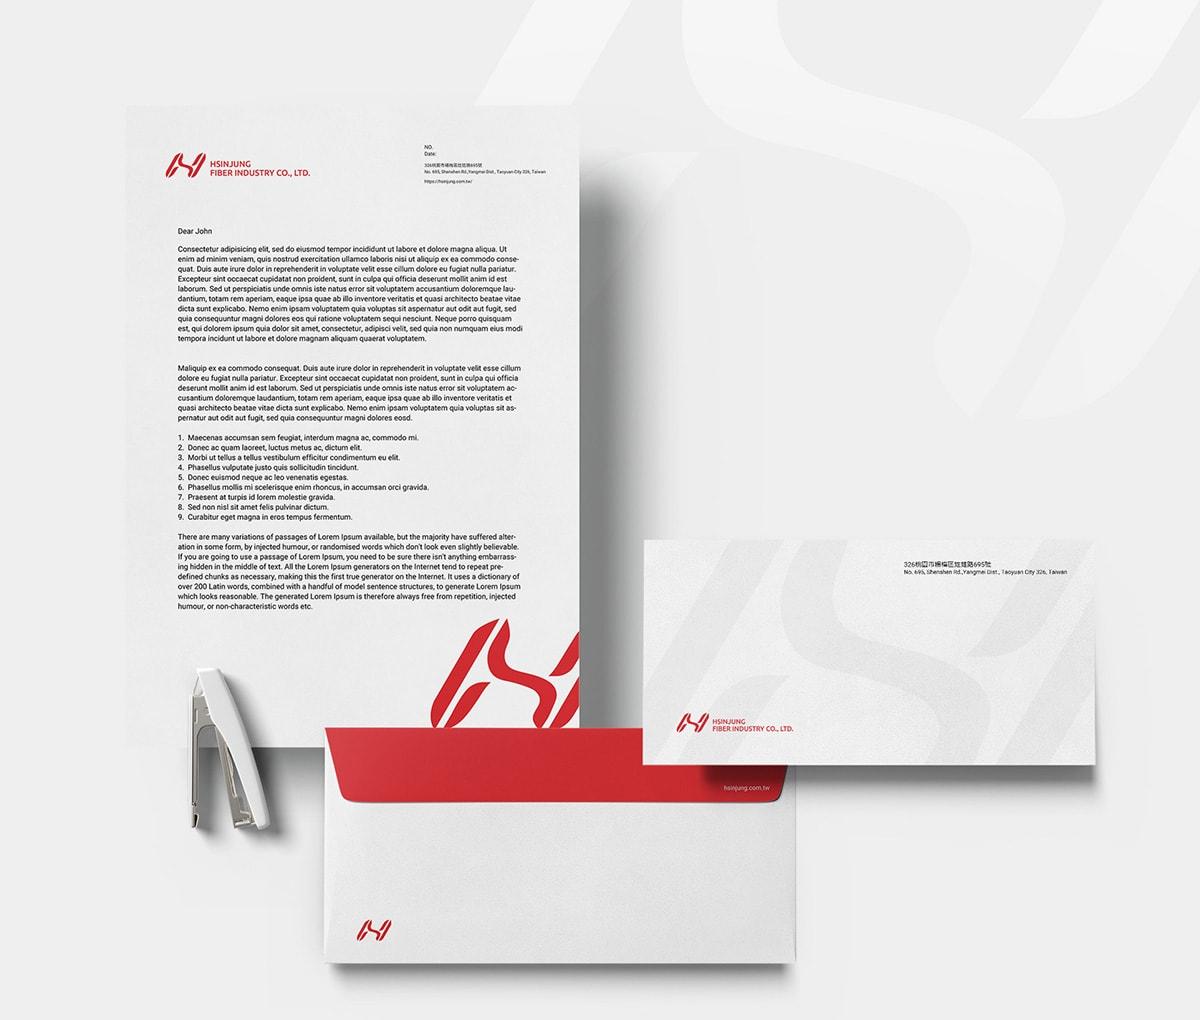 紡織業信封信紙設計